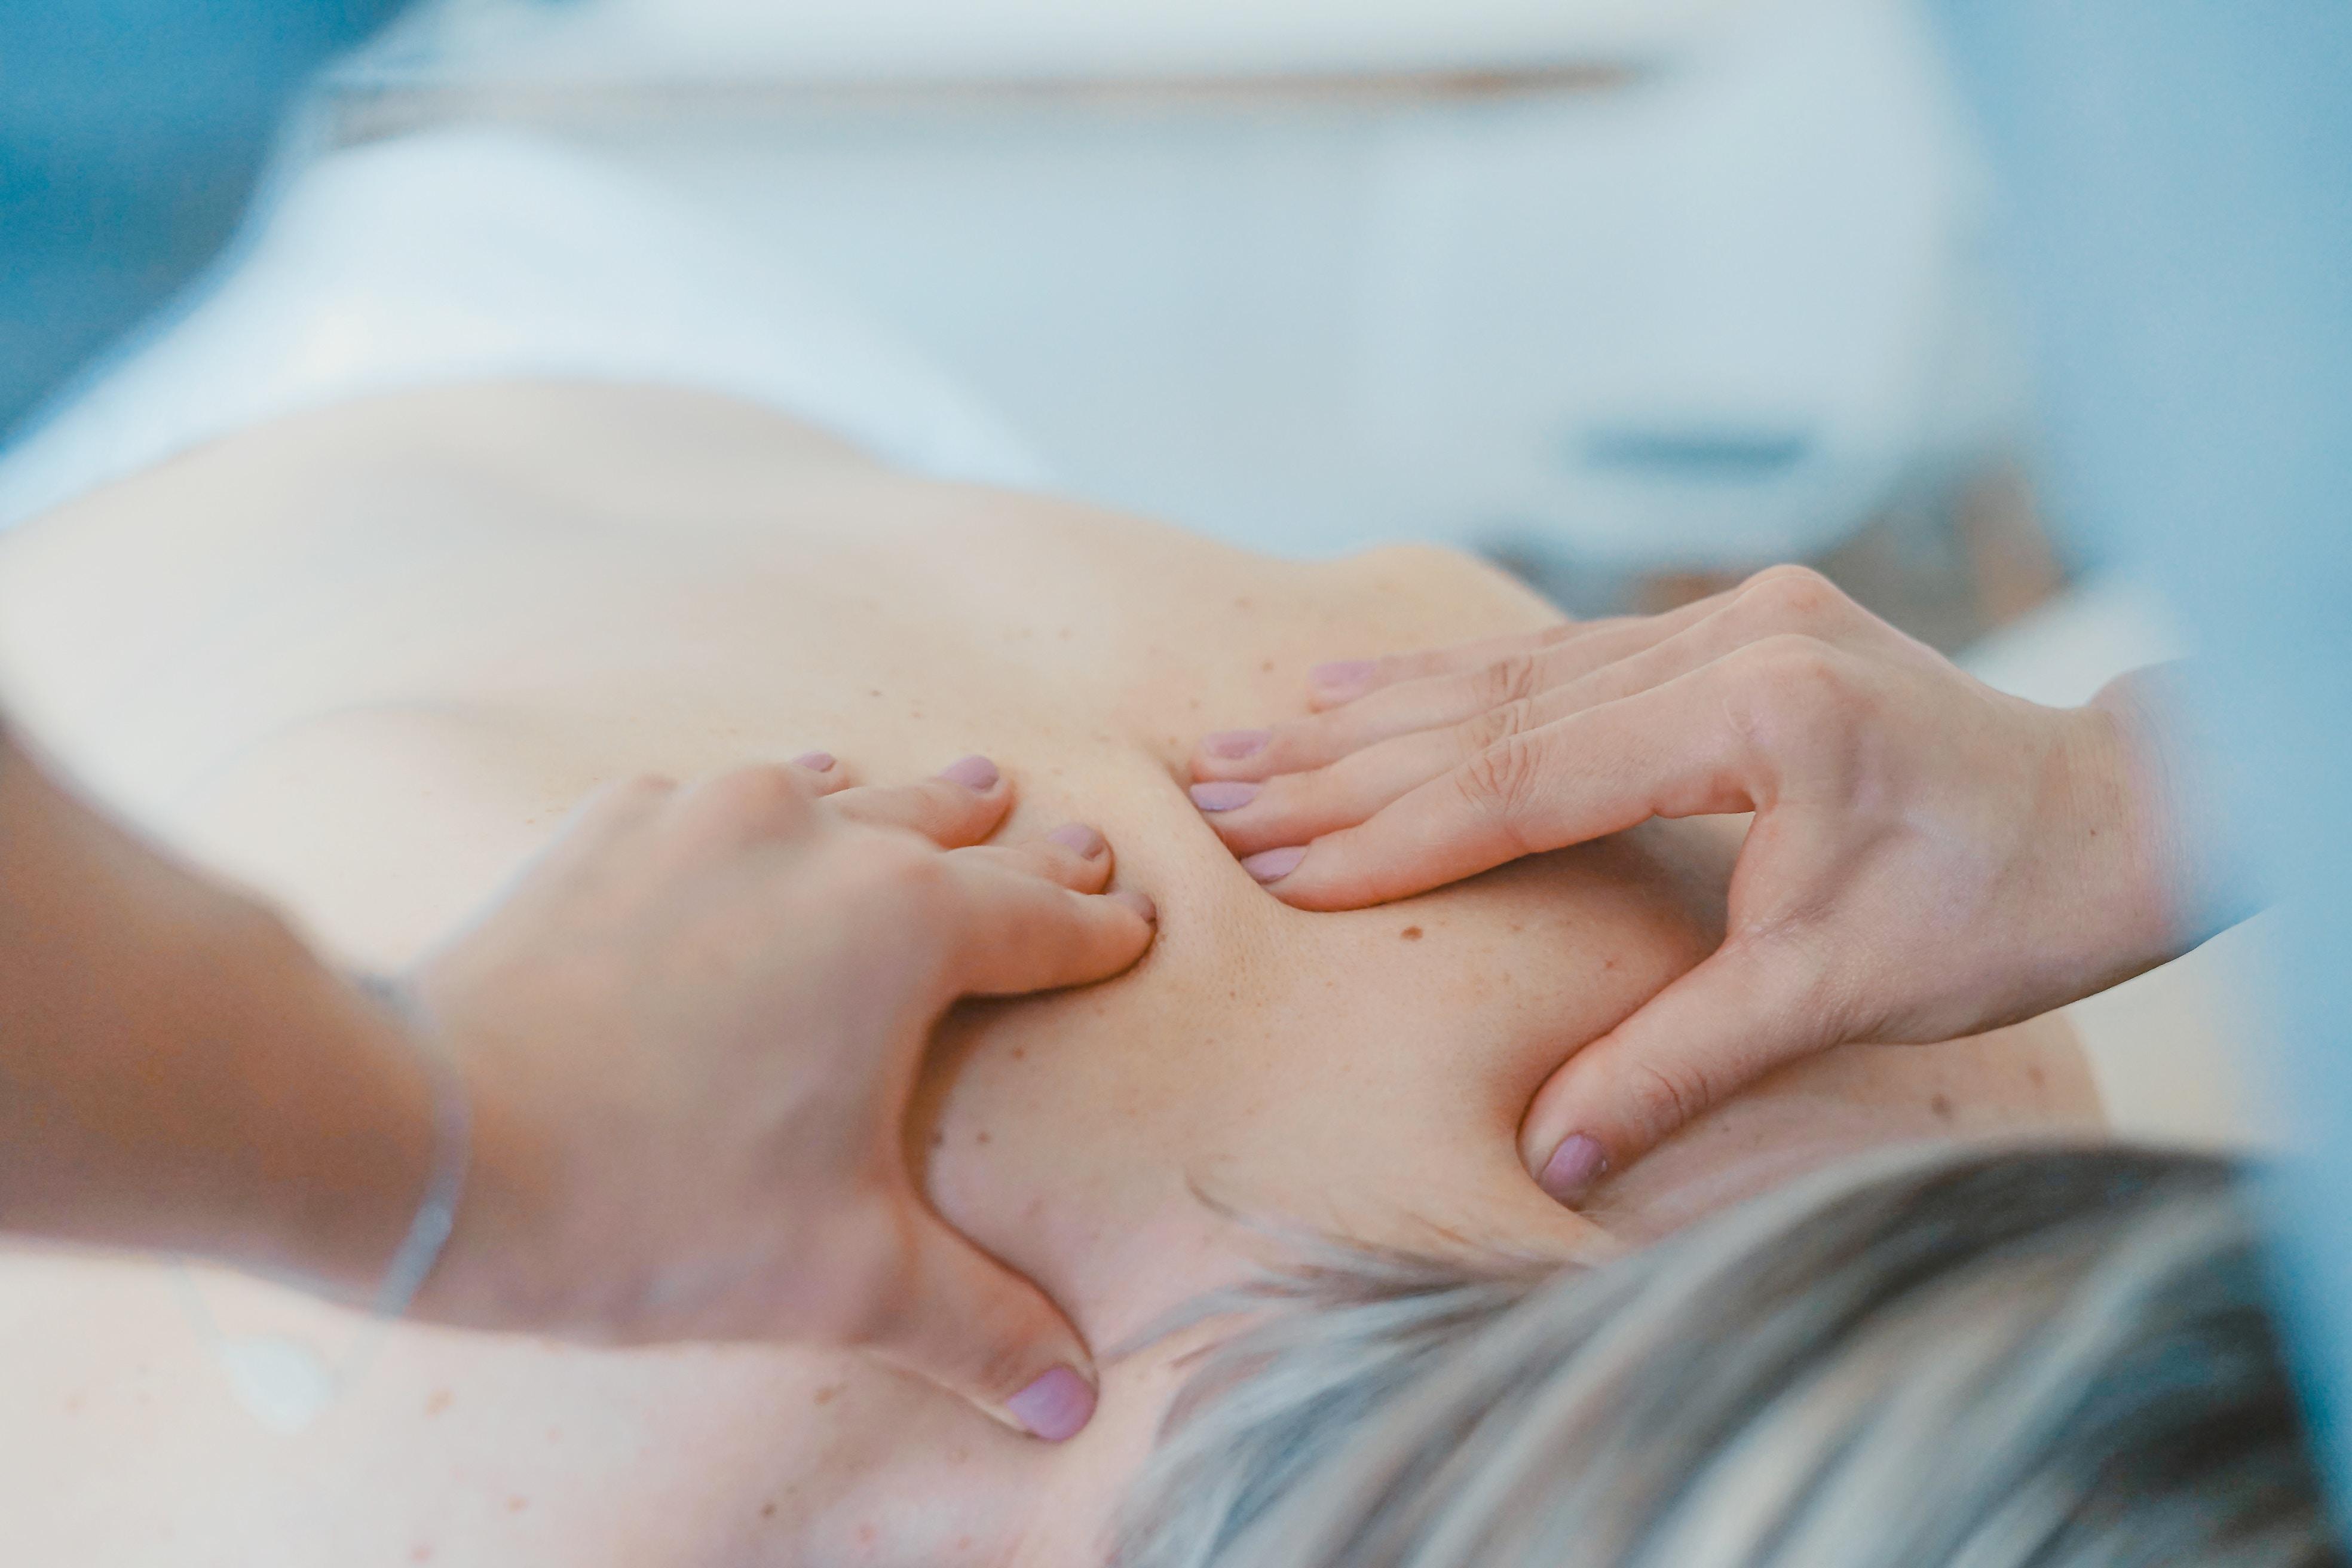 Køb dit nye massageapparat hos Kropsform.dk